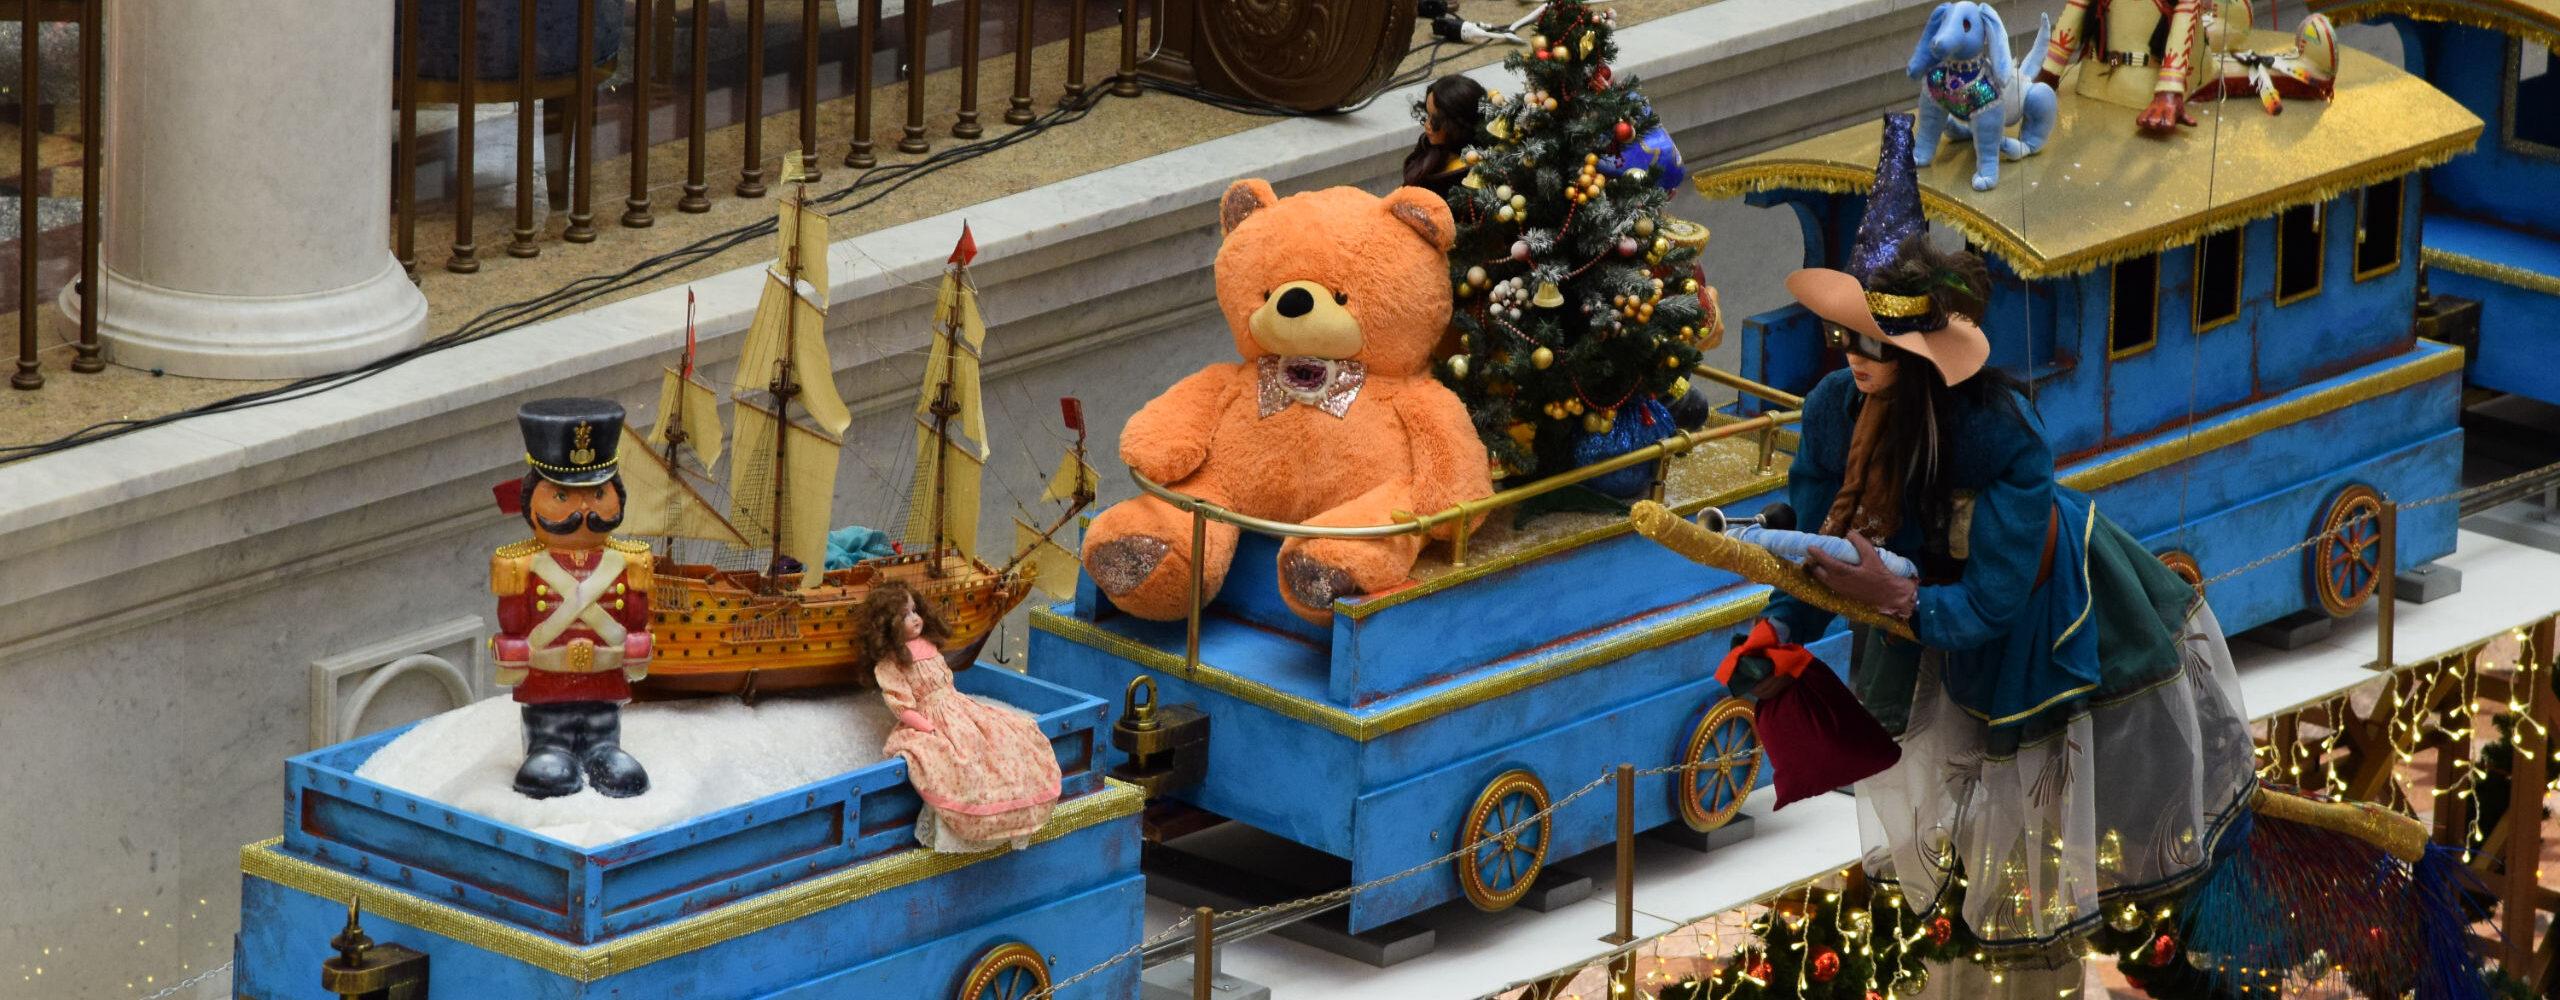 Новогодний Детский Мир